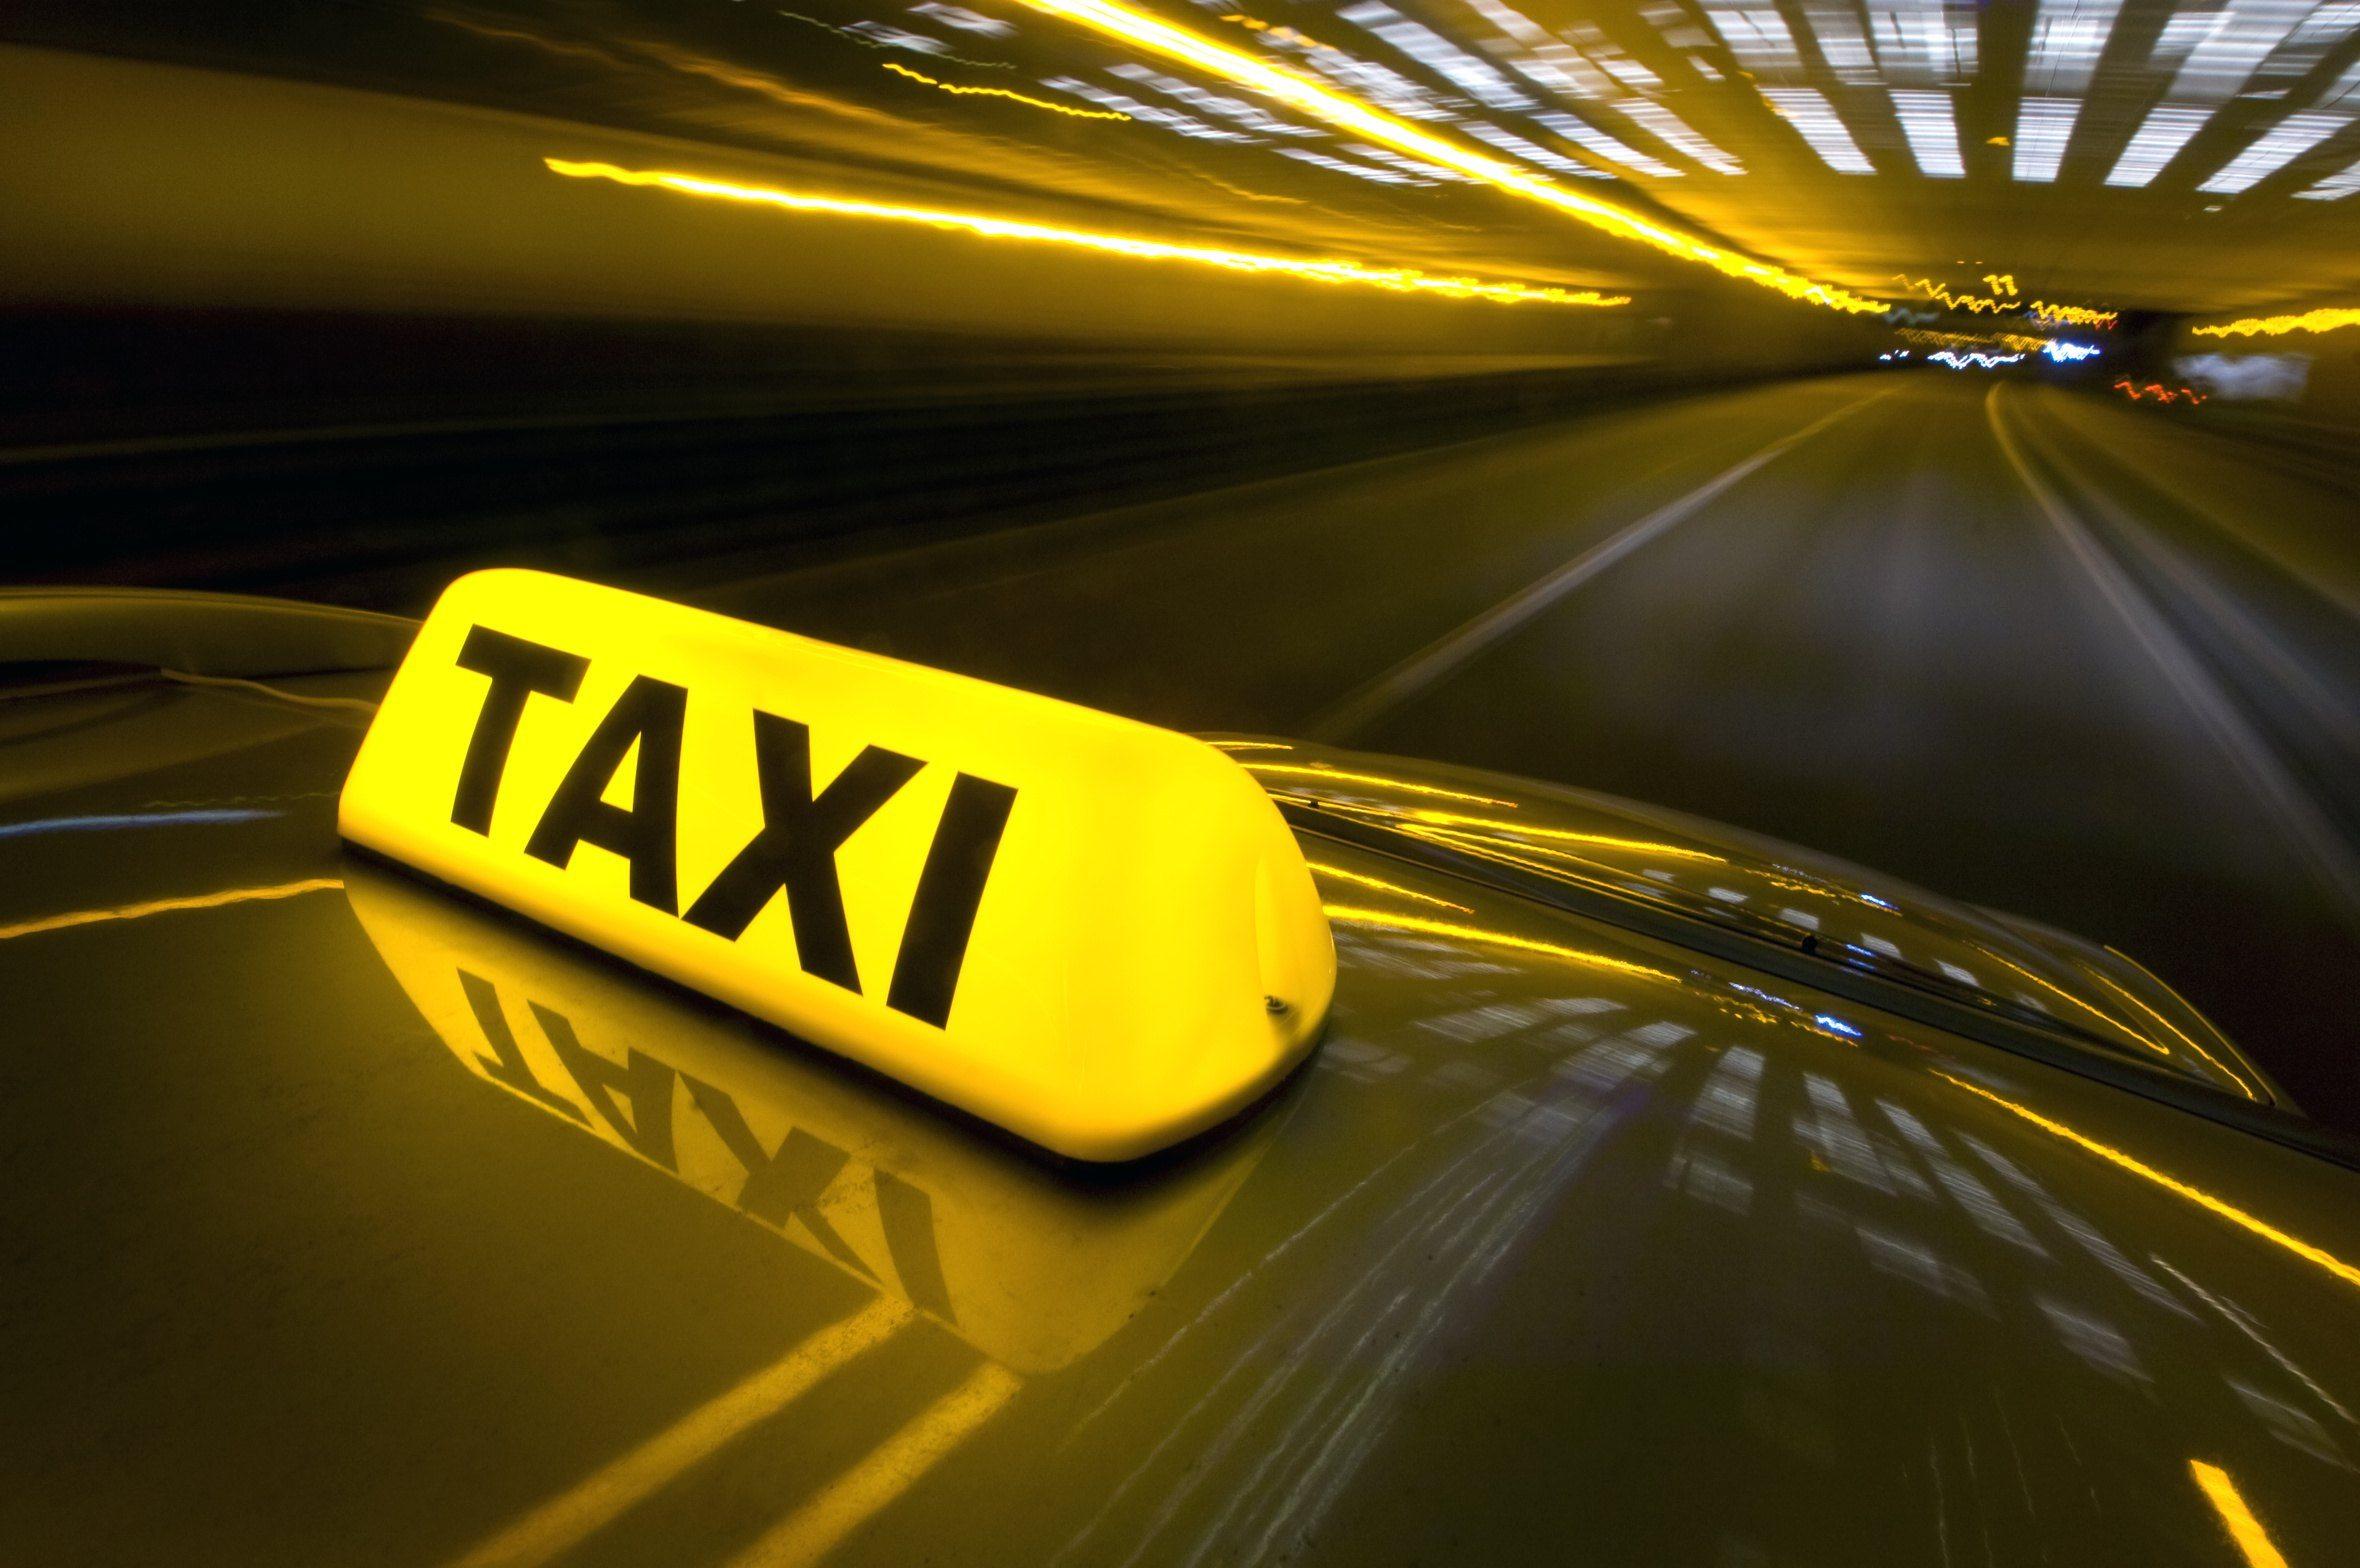 Parceria entre Easy Taxi e Multiplus permite acumular pontos no programa de fidelidade da TAM